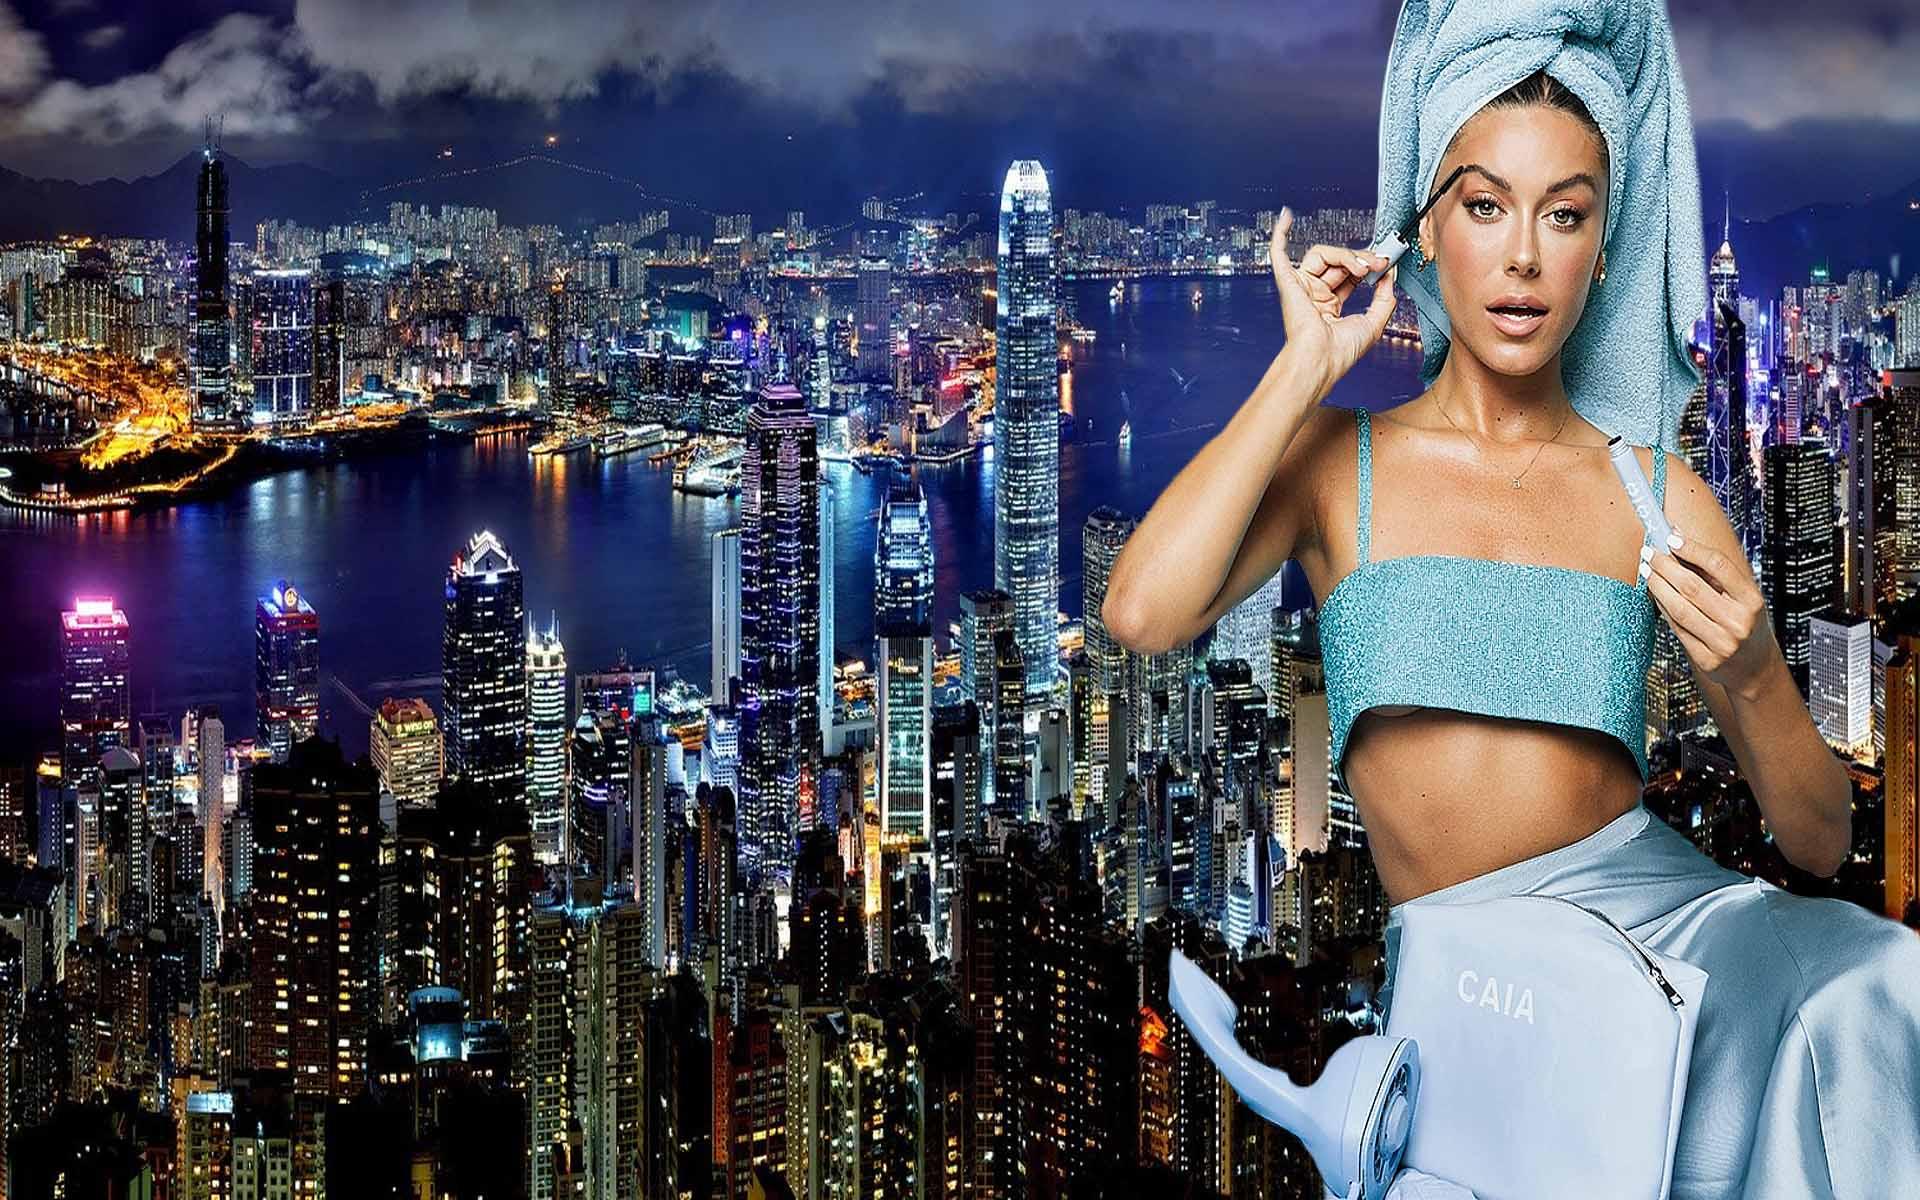 Bianca Ingrossos CAIA expanderar till Asien